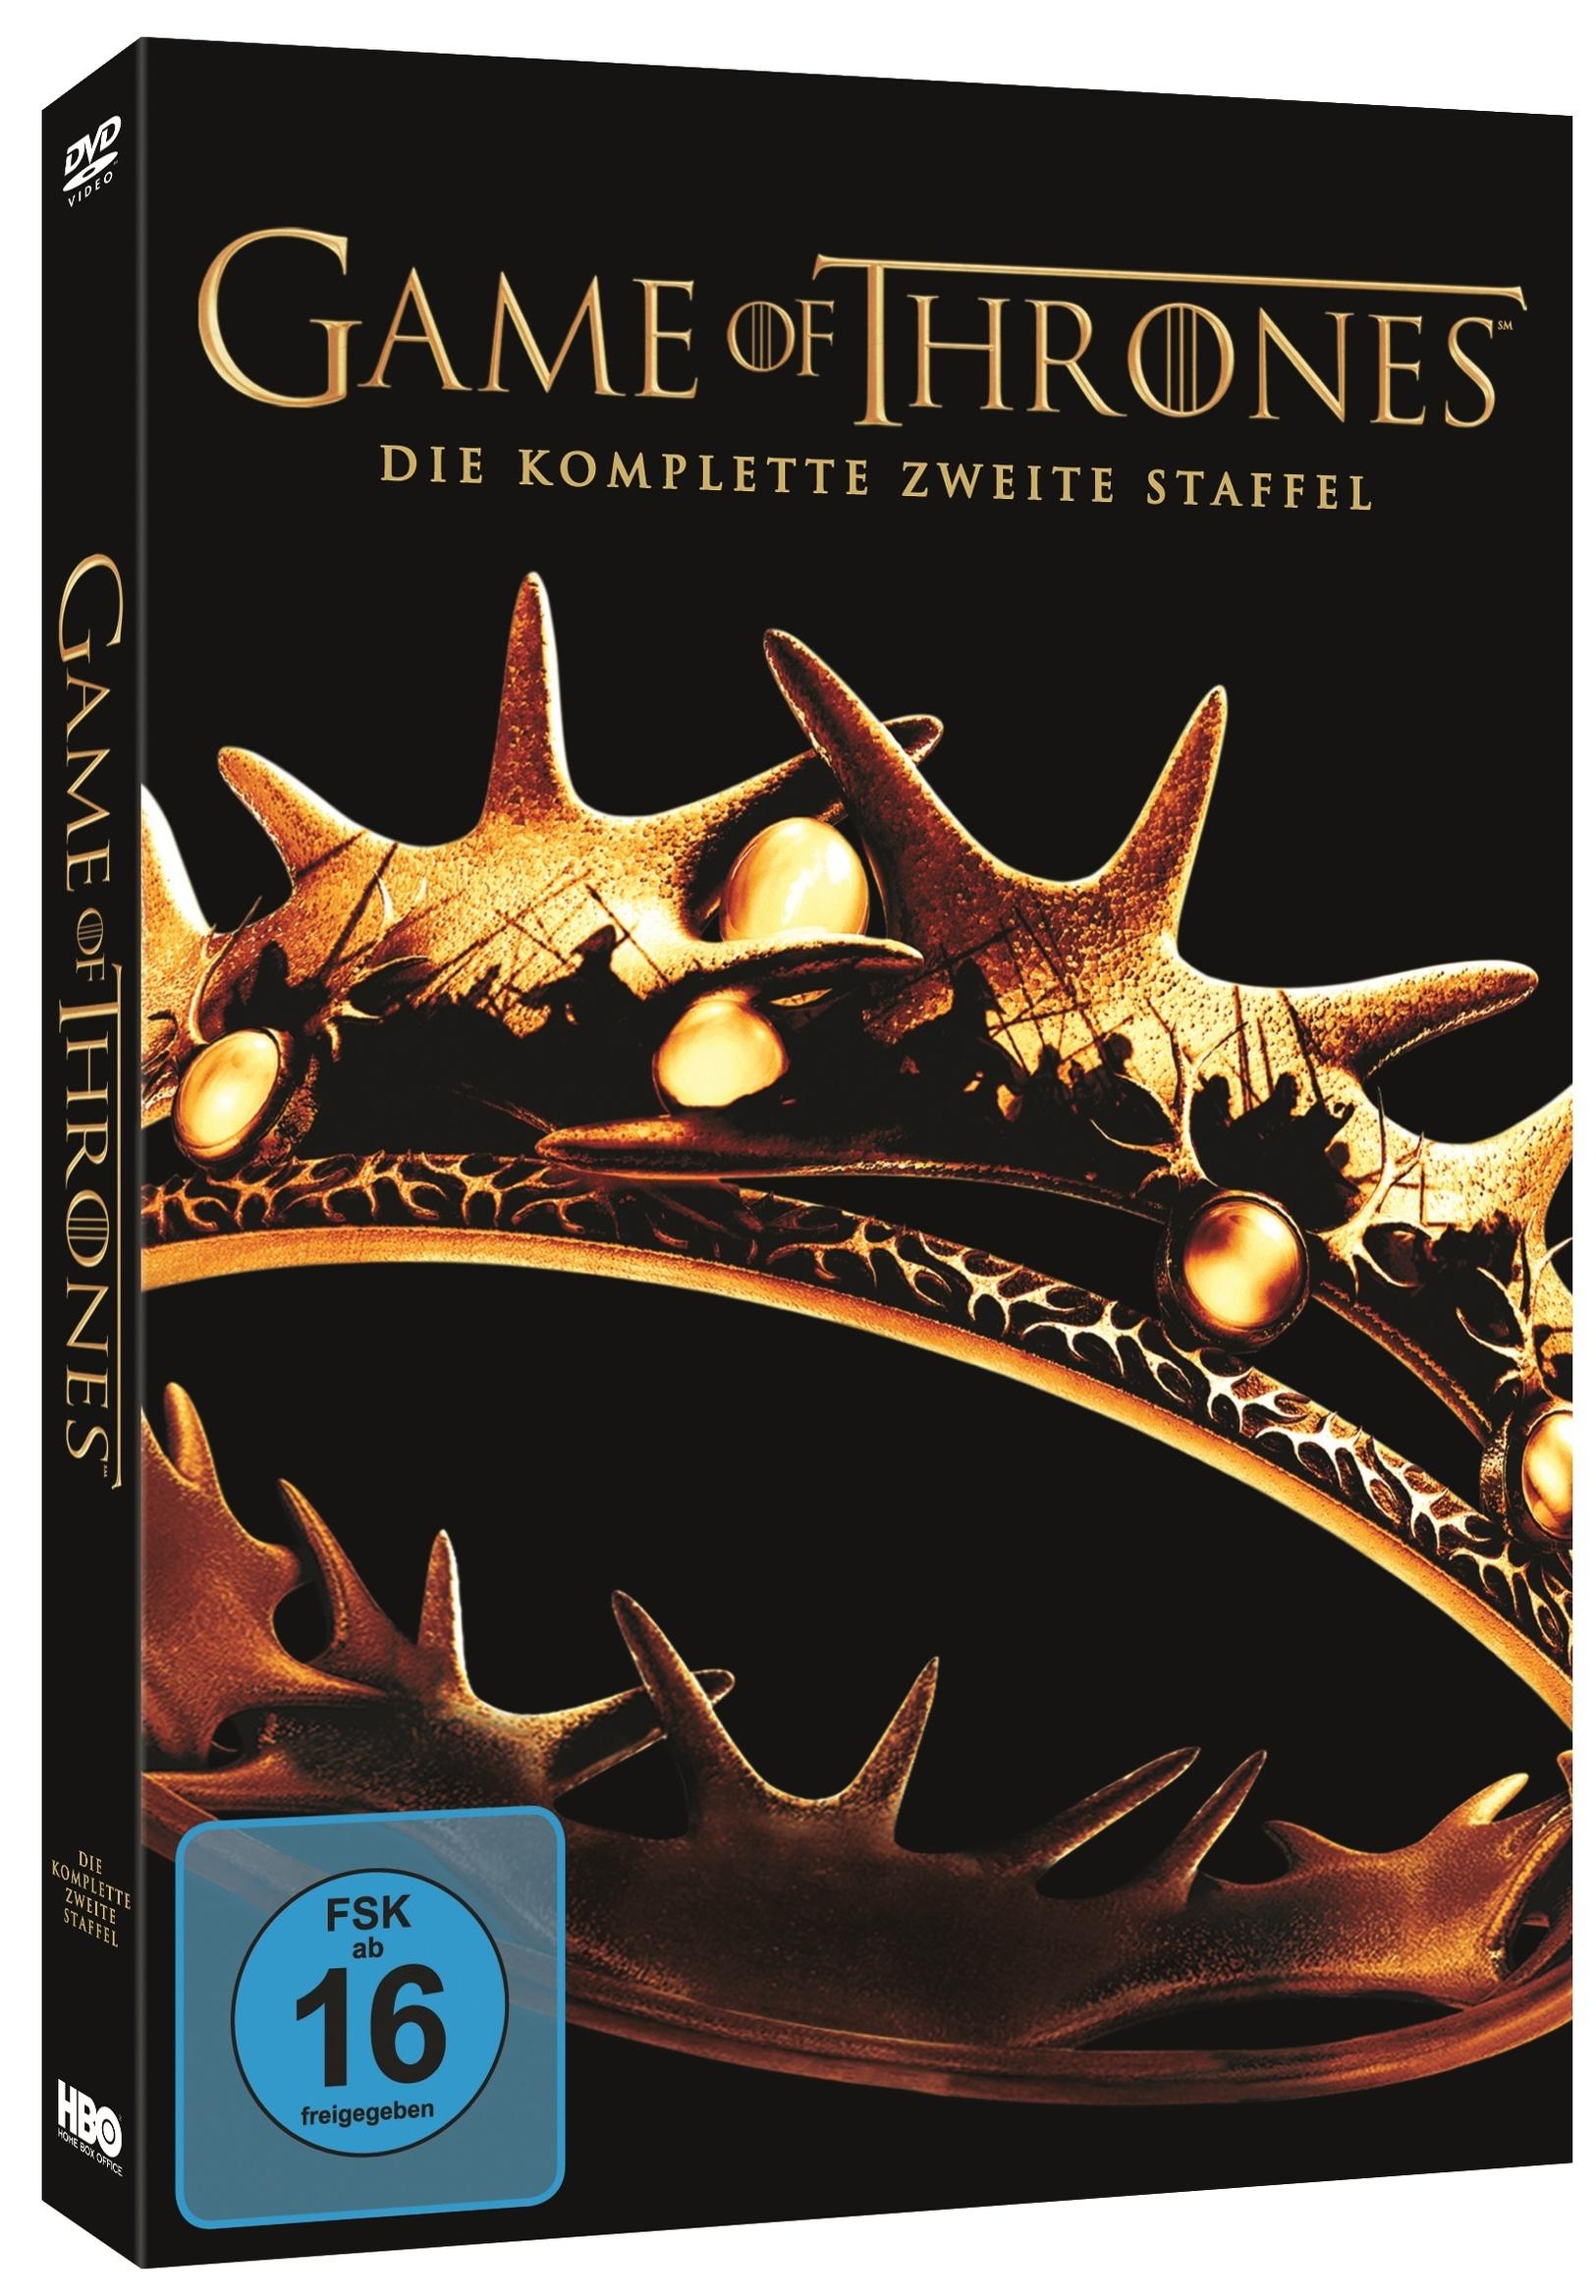 Game of thrones staffel 1 nackt szenen